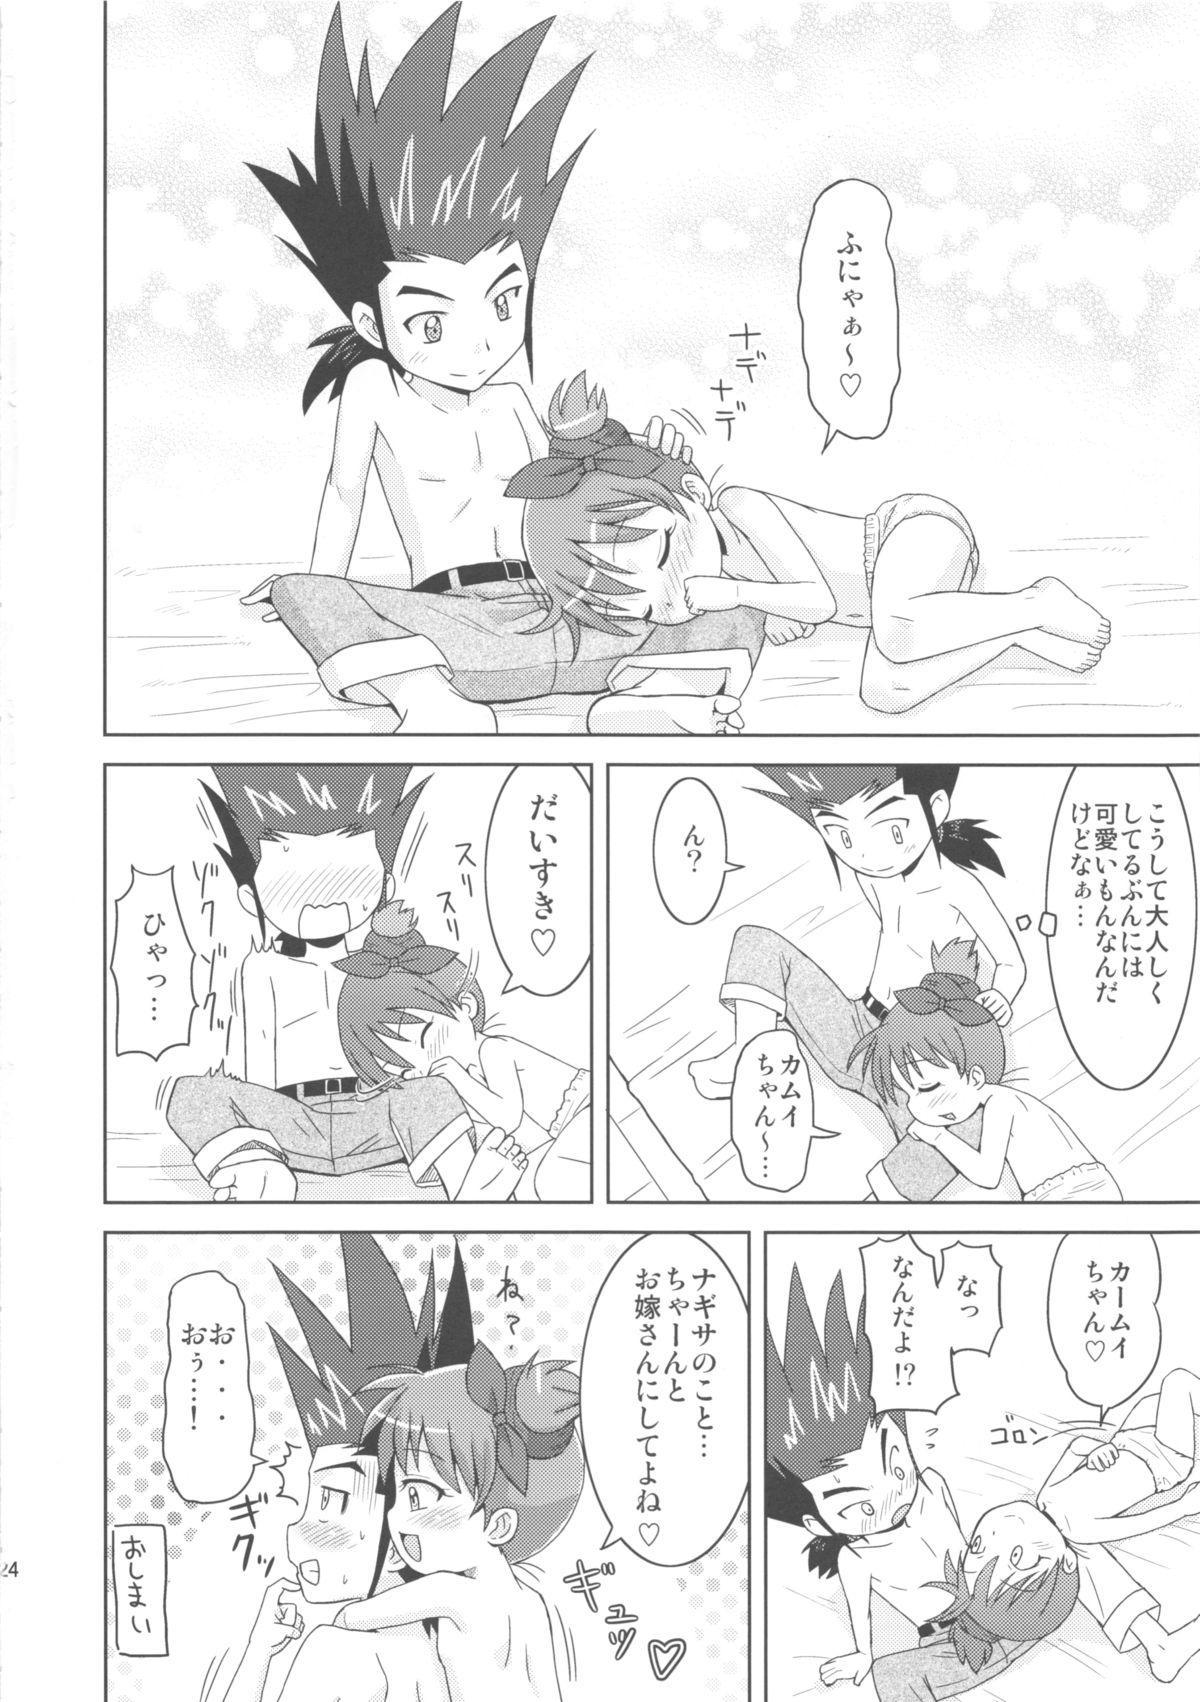 (Puniket 27) [Tori no Ya (Mashikodori)] Kamui-kun to Nagisa-chan to. (Cardfight!! Vanguard) 23